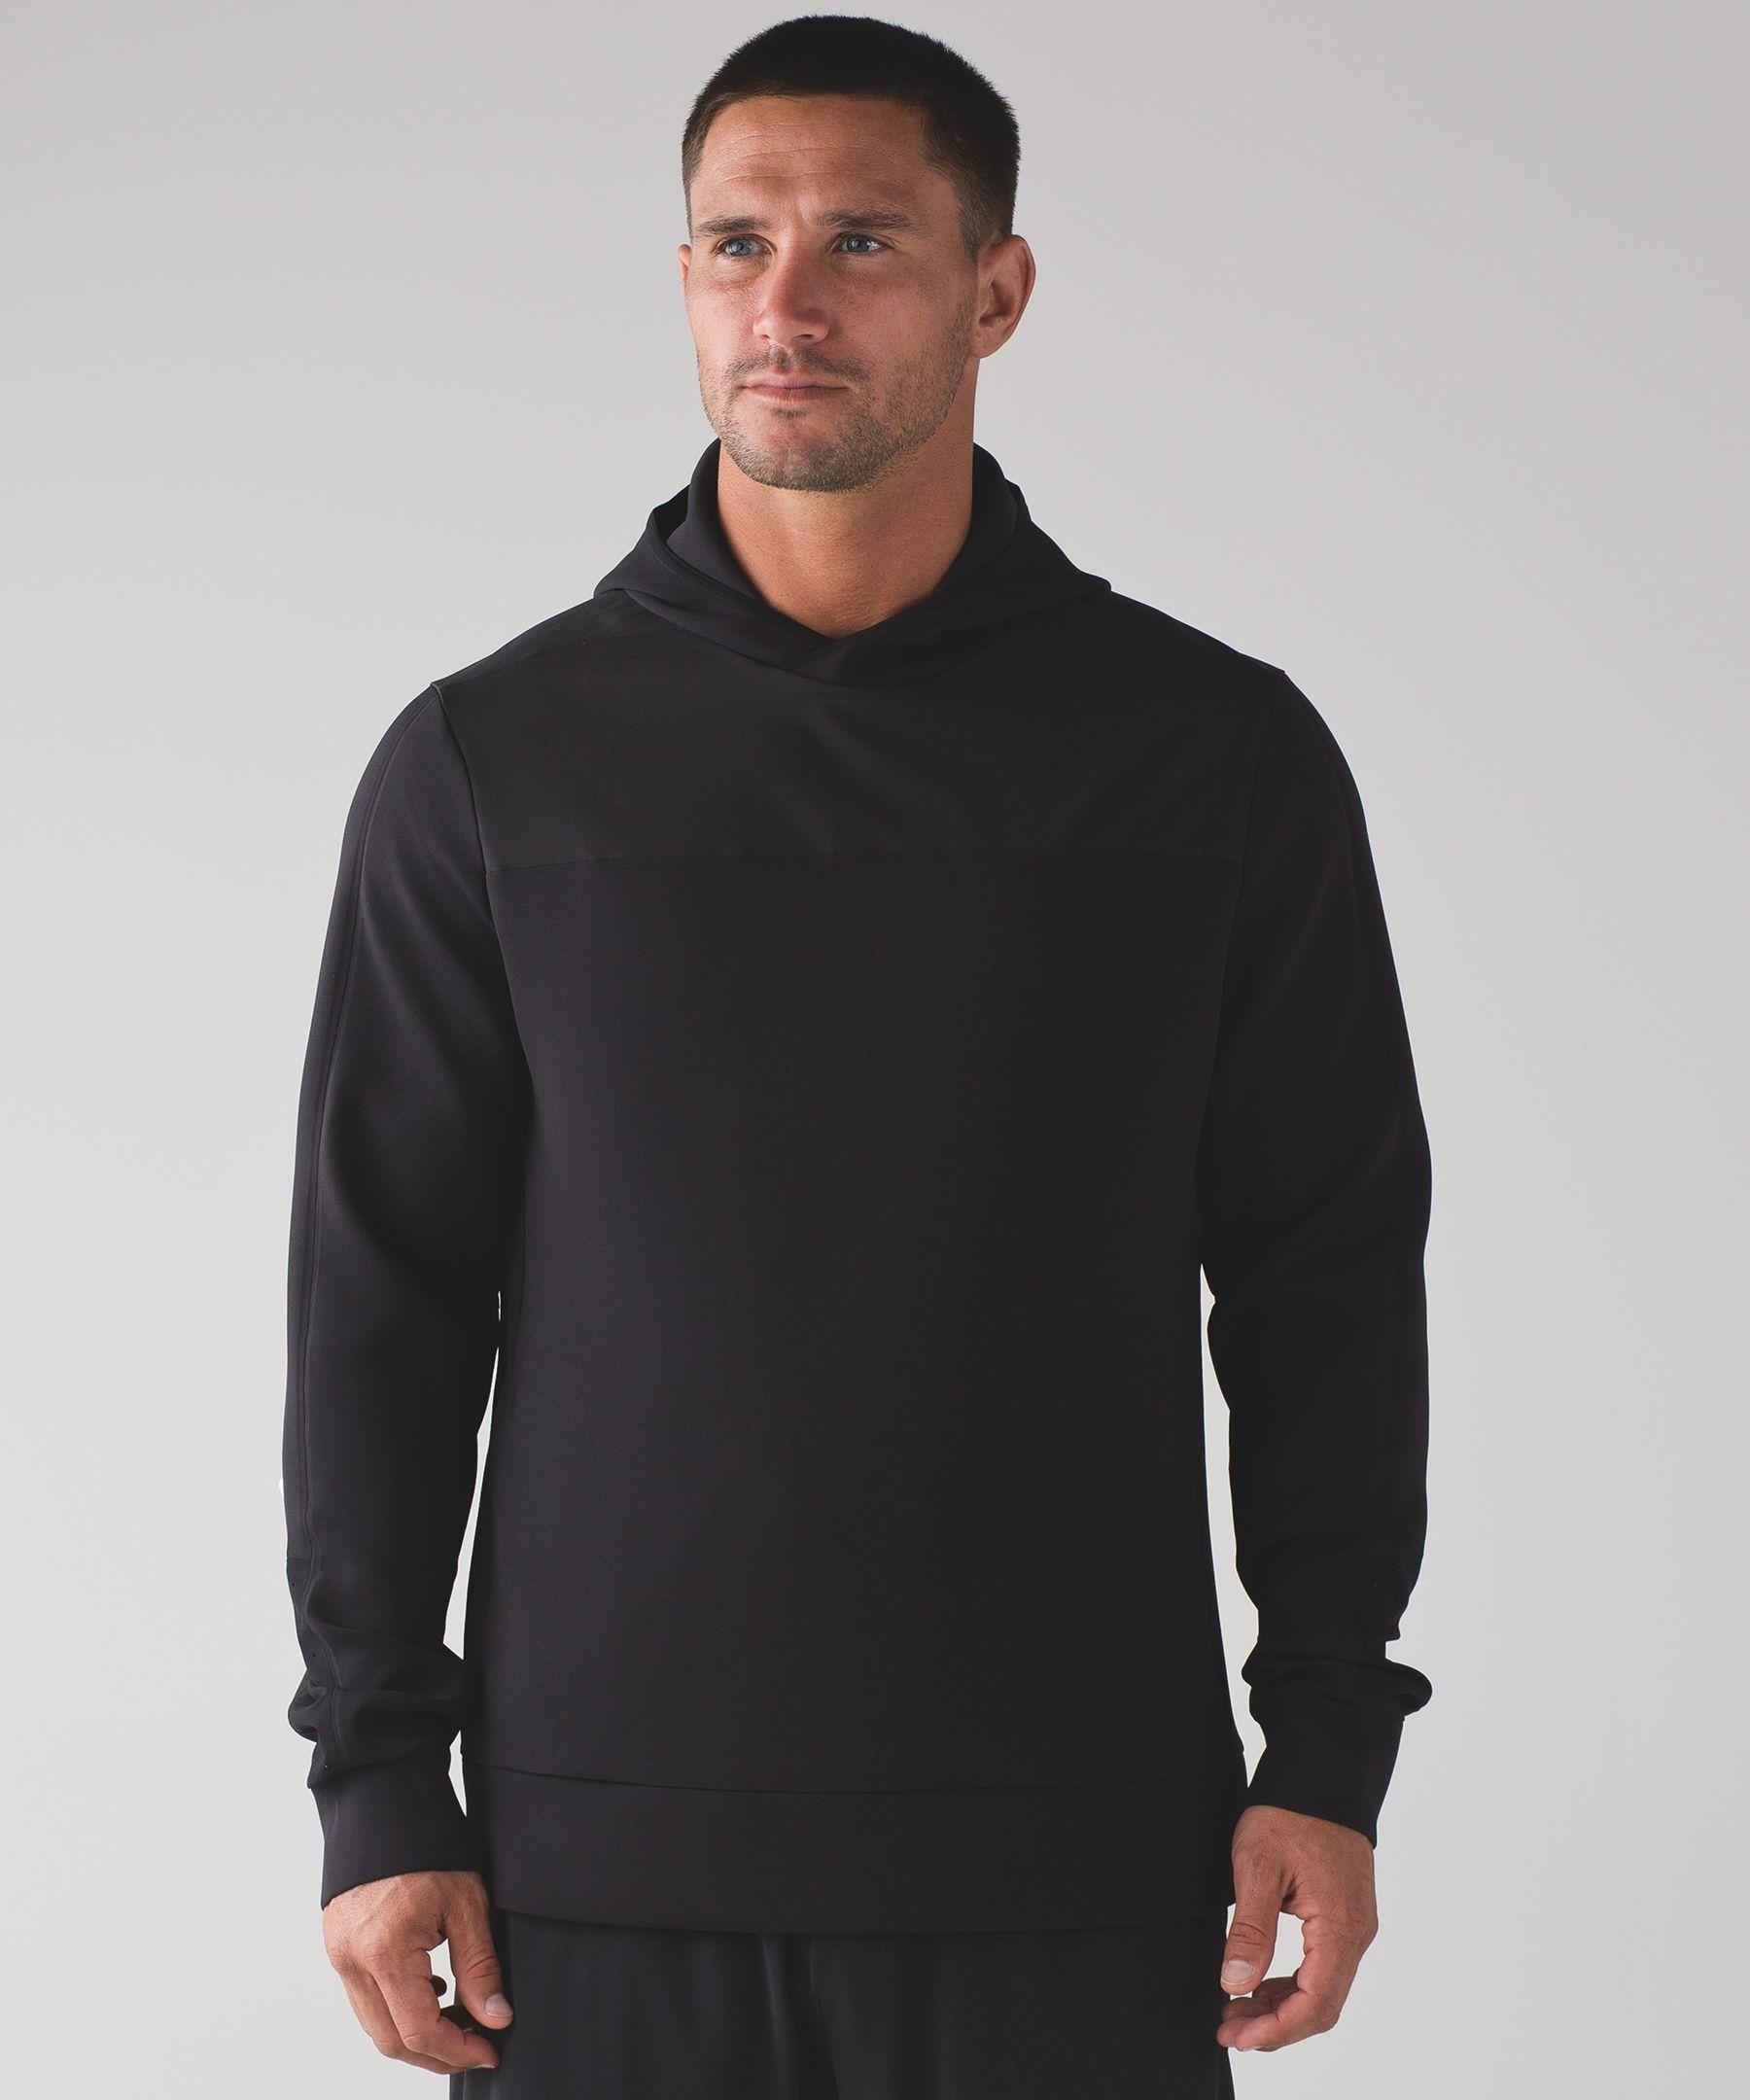 Men's Long Sleeve Hoodie - (Black, Size XXL) - License To Train Hoodie Long Sleeve - lululemon